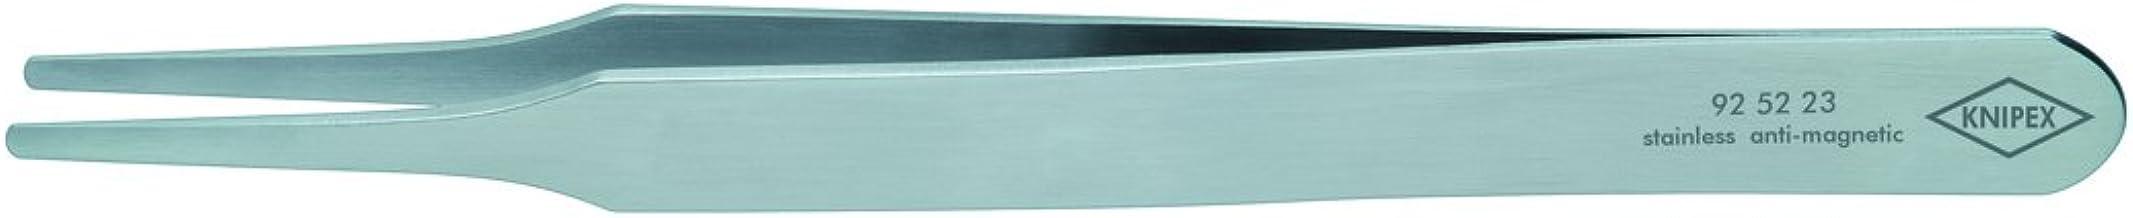 KNIPEX 92 52 23 Pinza de precisi/ón forma redonda fina 120 mm